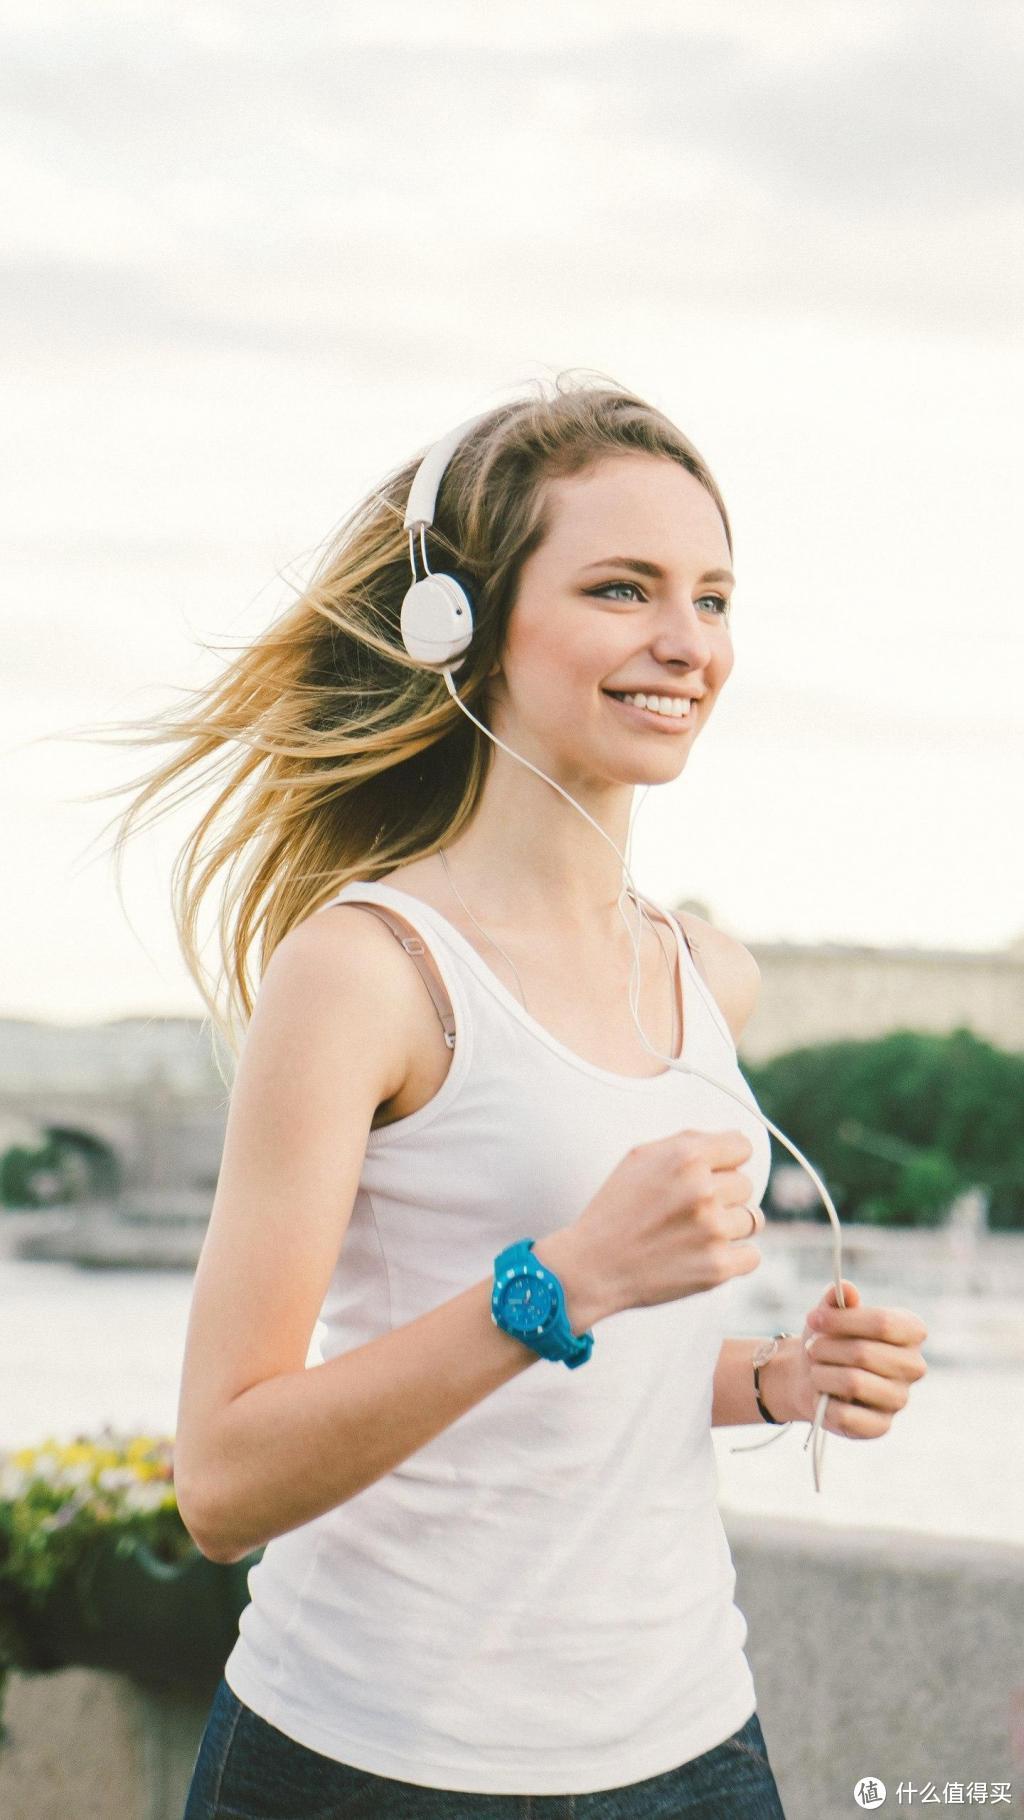 适合各种运动的专属TWS耳机推荐——运动也别忘了音乐